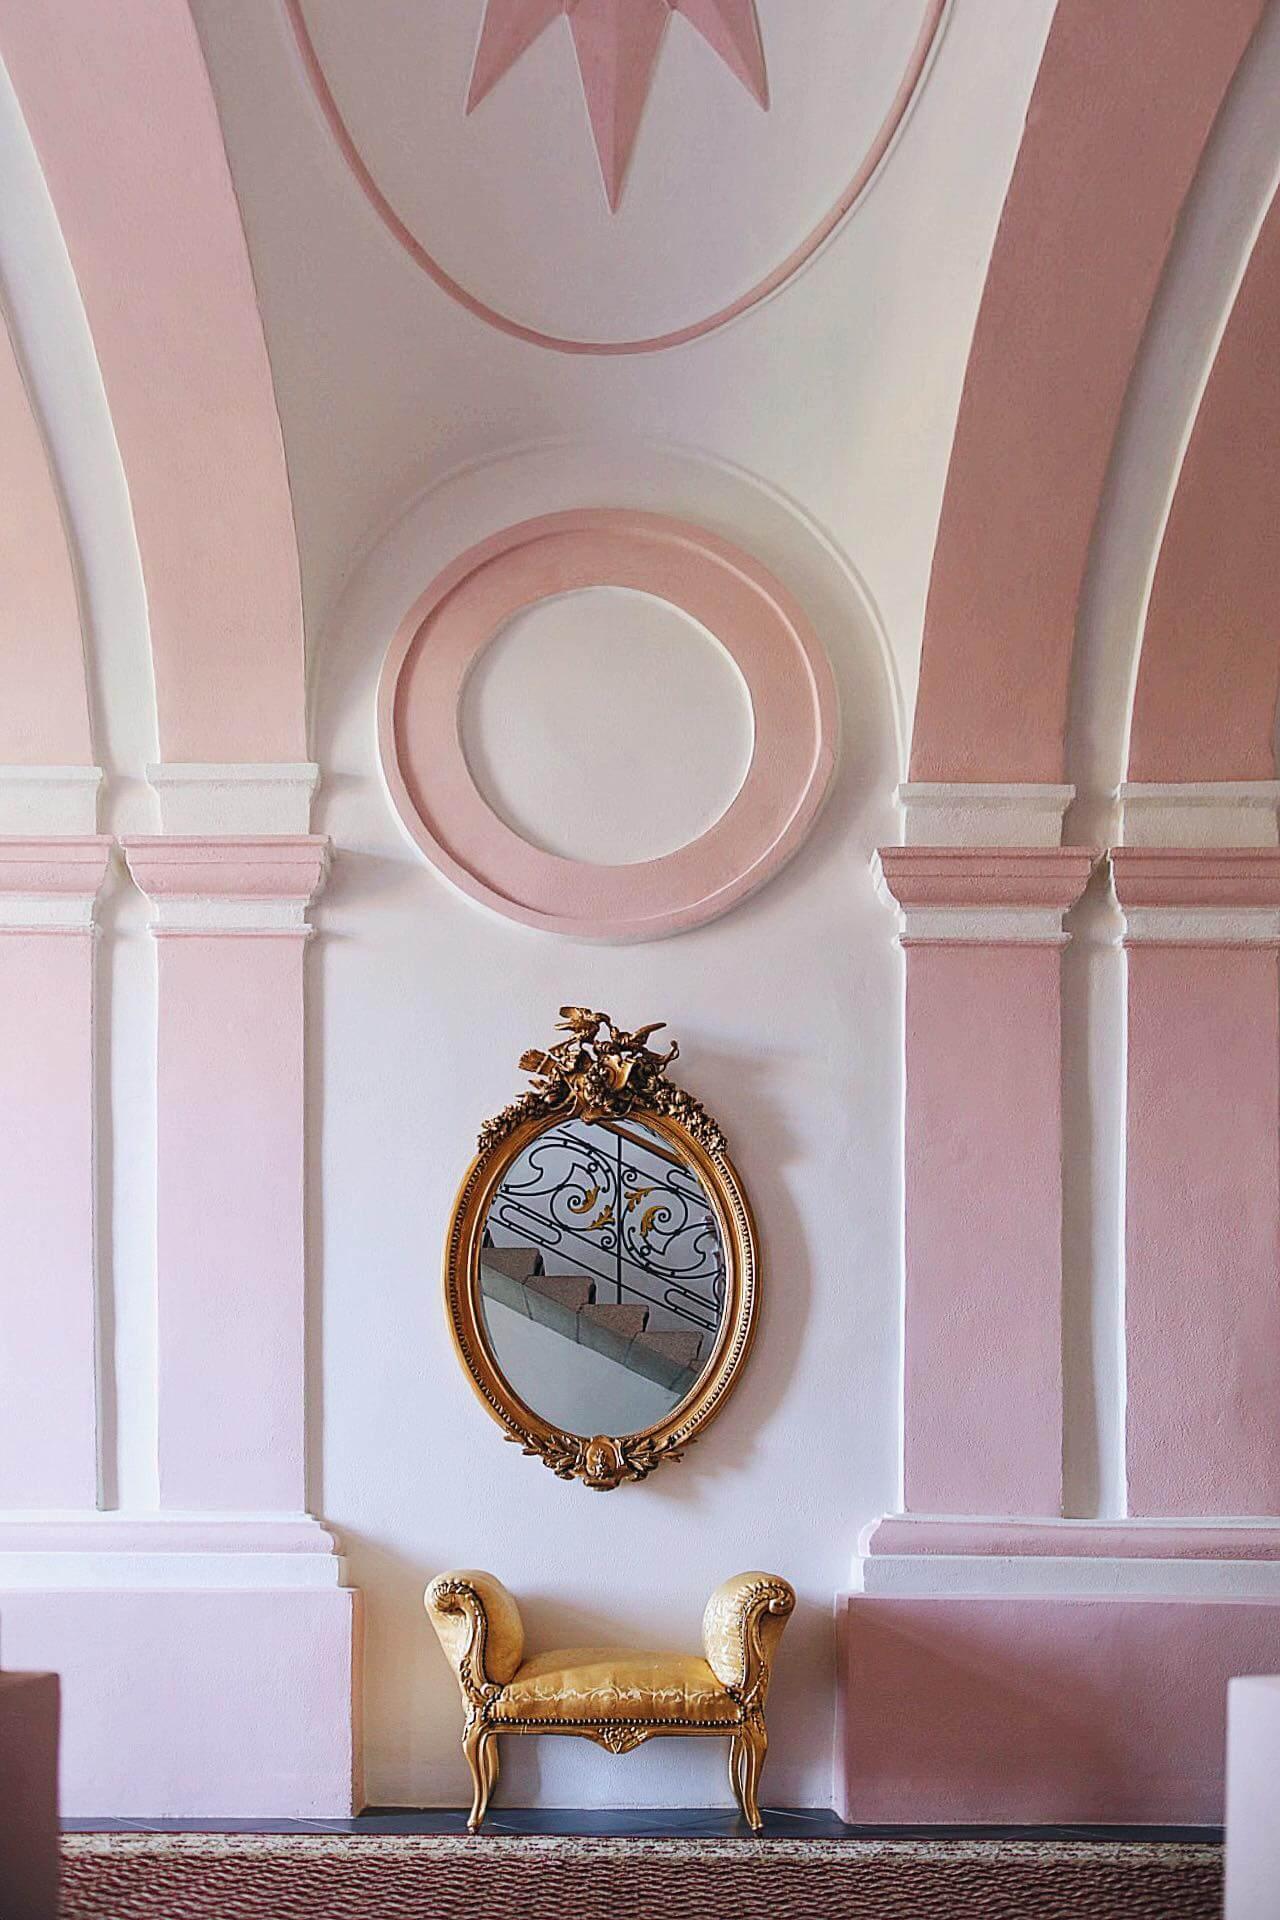 Panství interiér